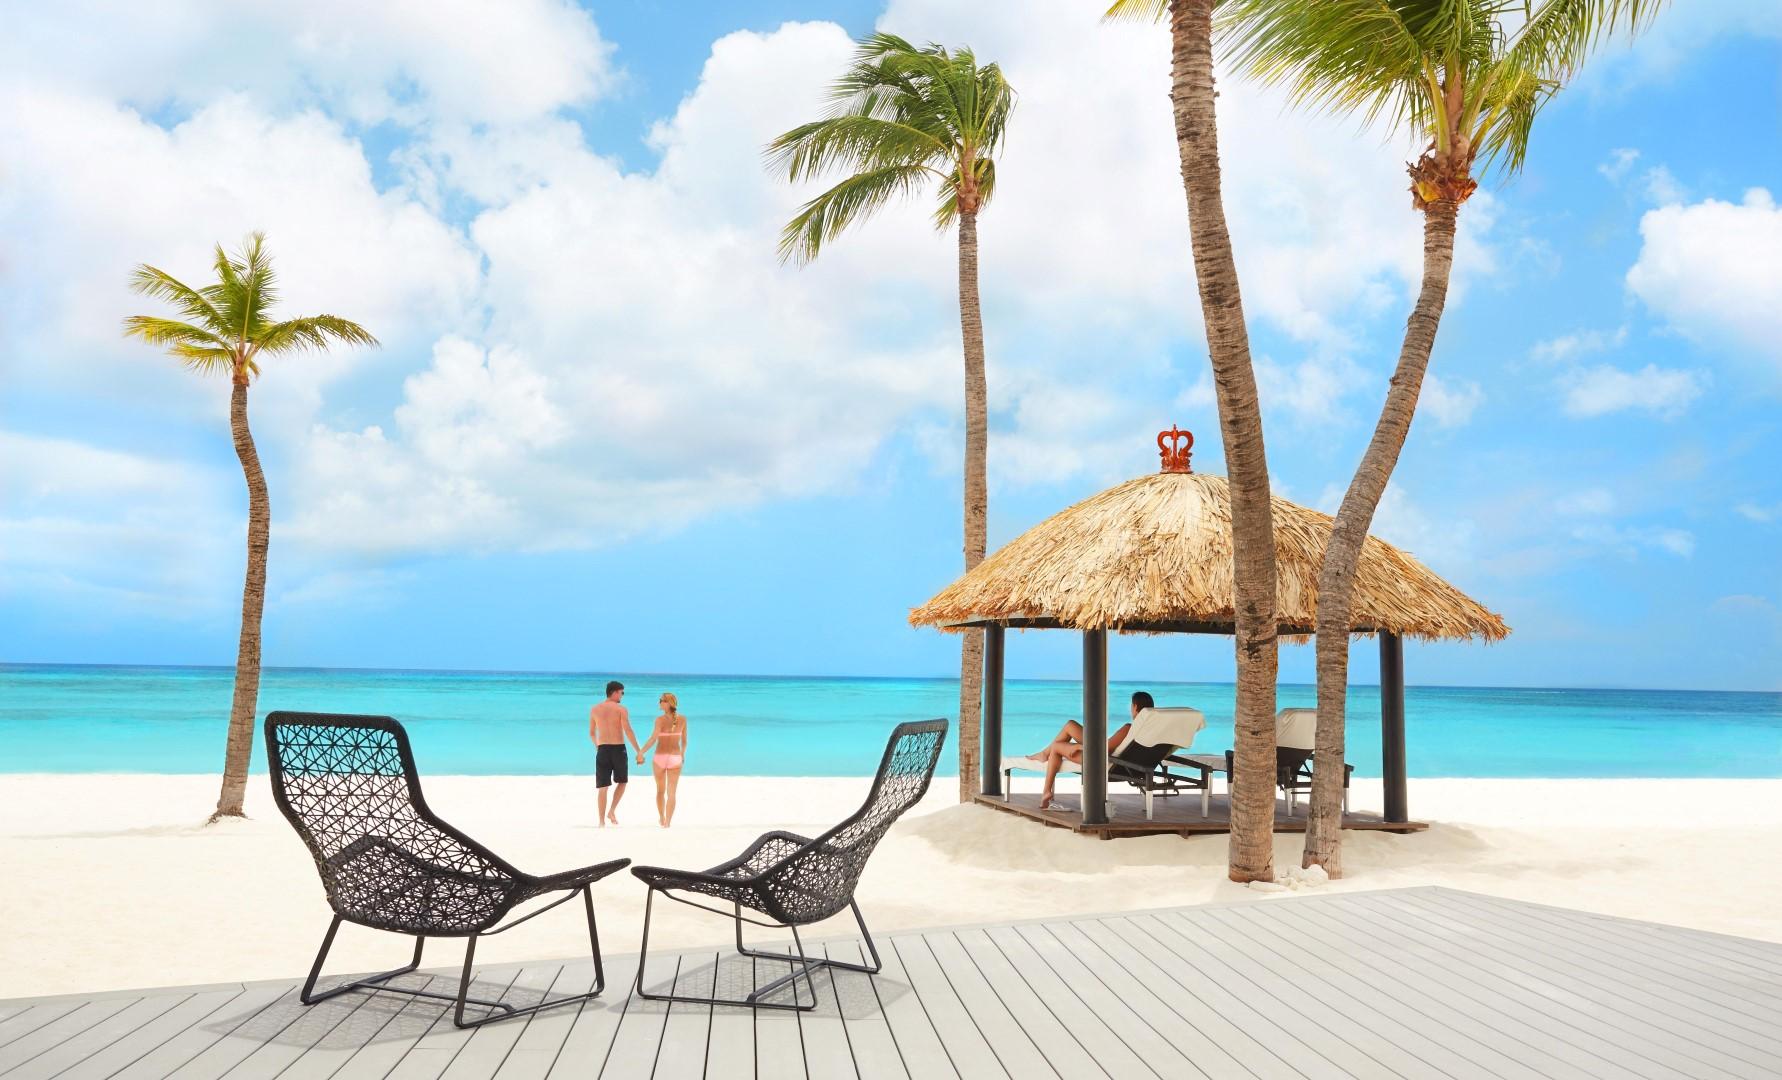 Hotéis e Resorts com pacotes especiais para curtir sua Lua de Mel em Aruba - Trilhas e Aventuras